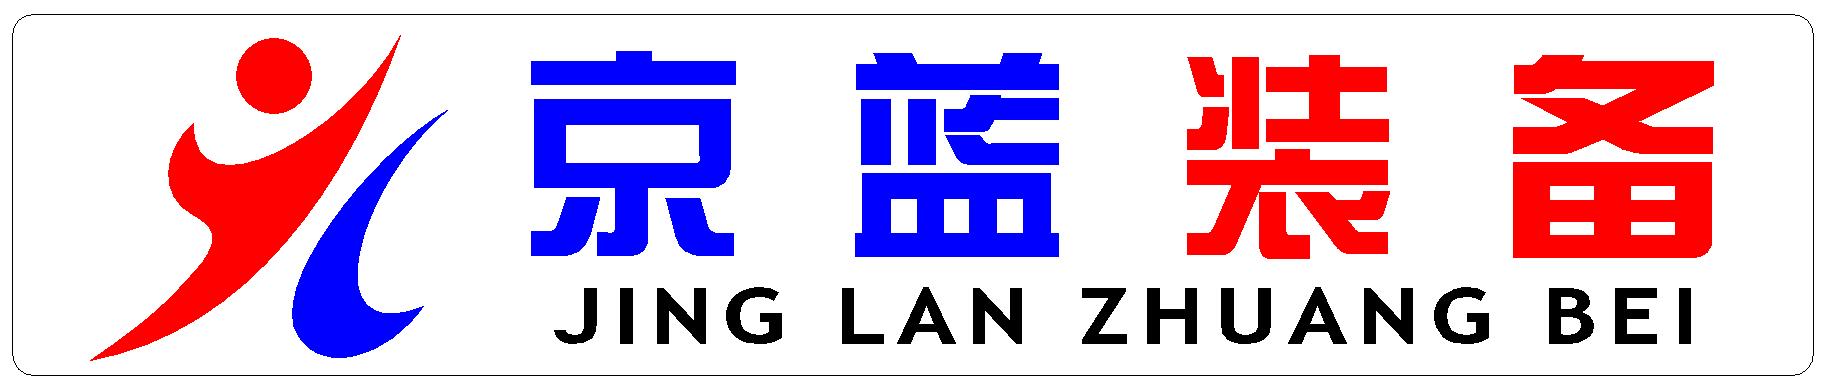 山东京蓝数控装备有限公司